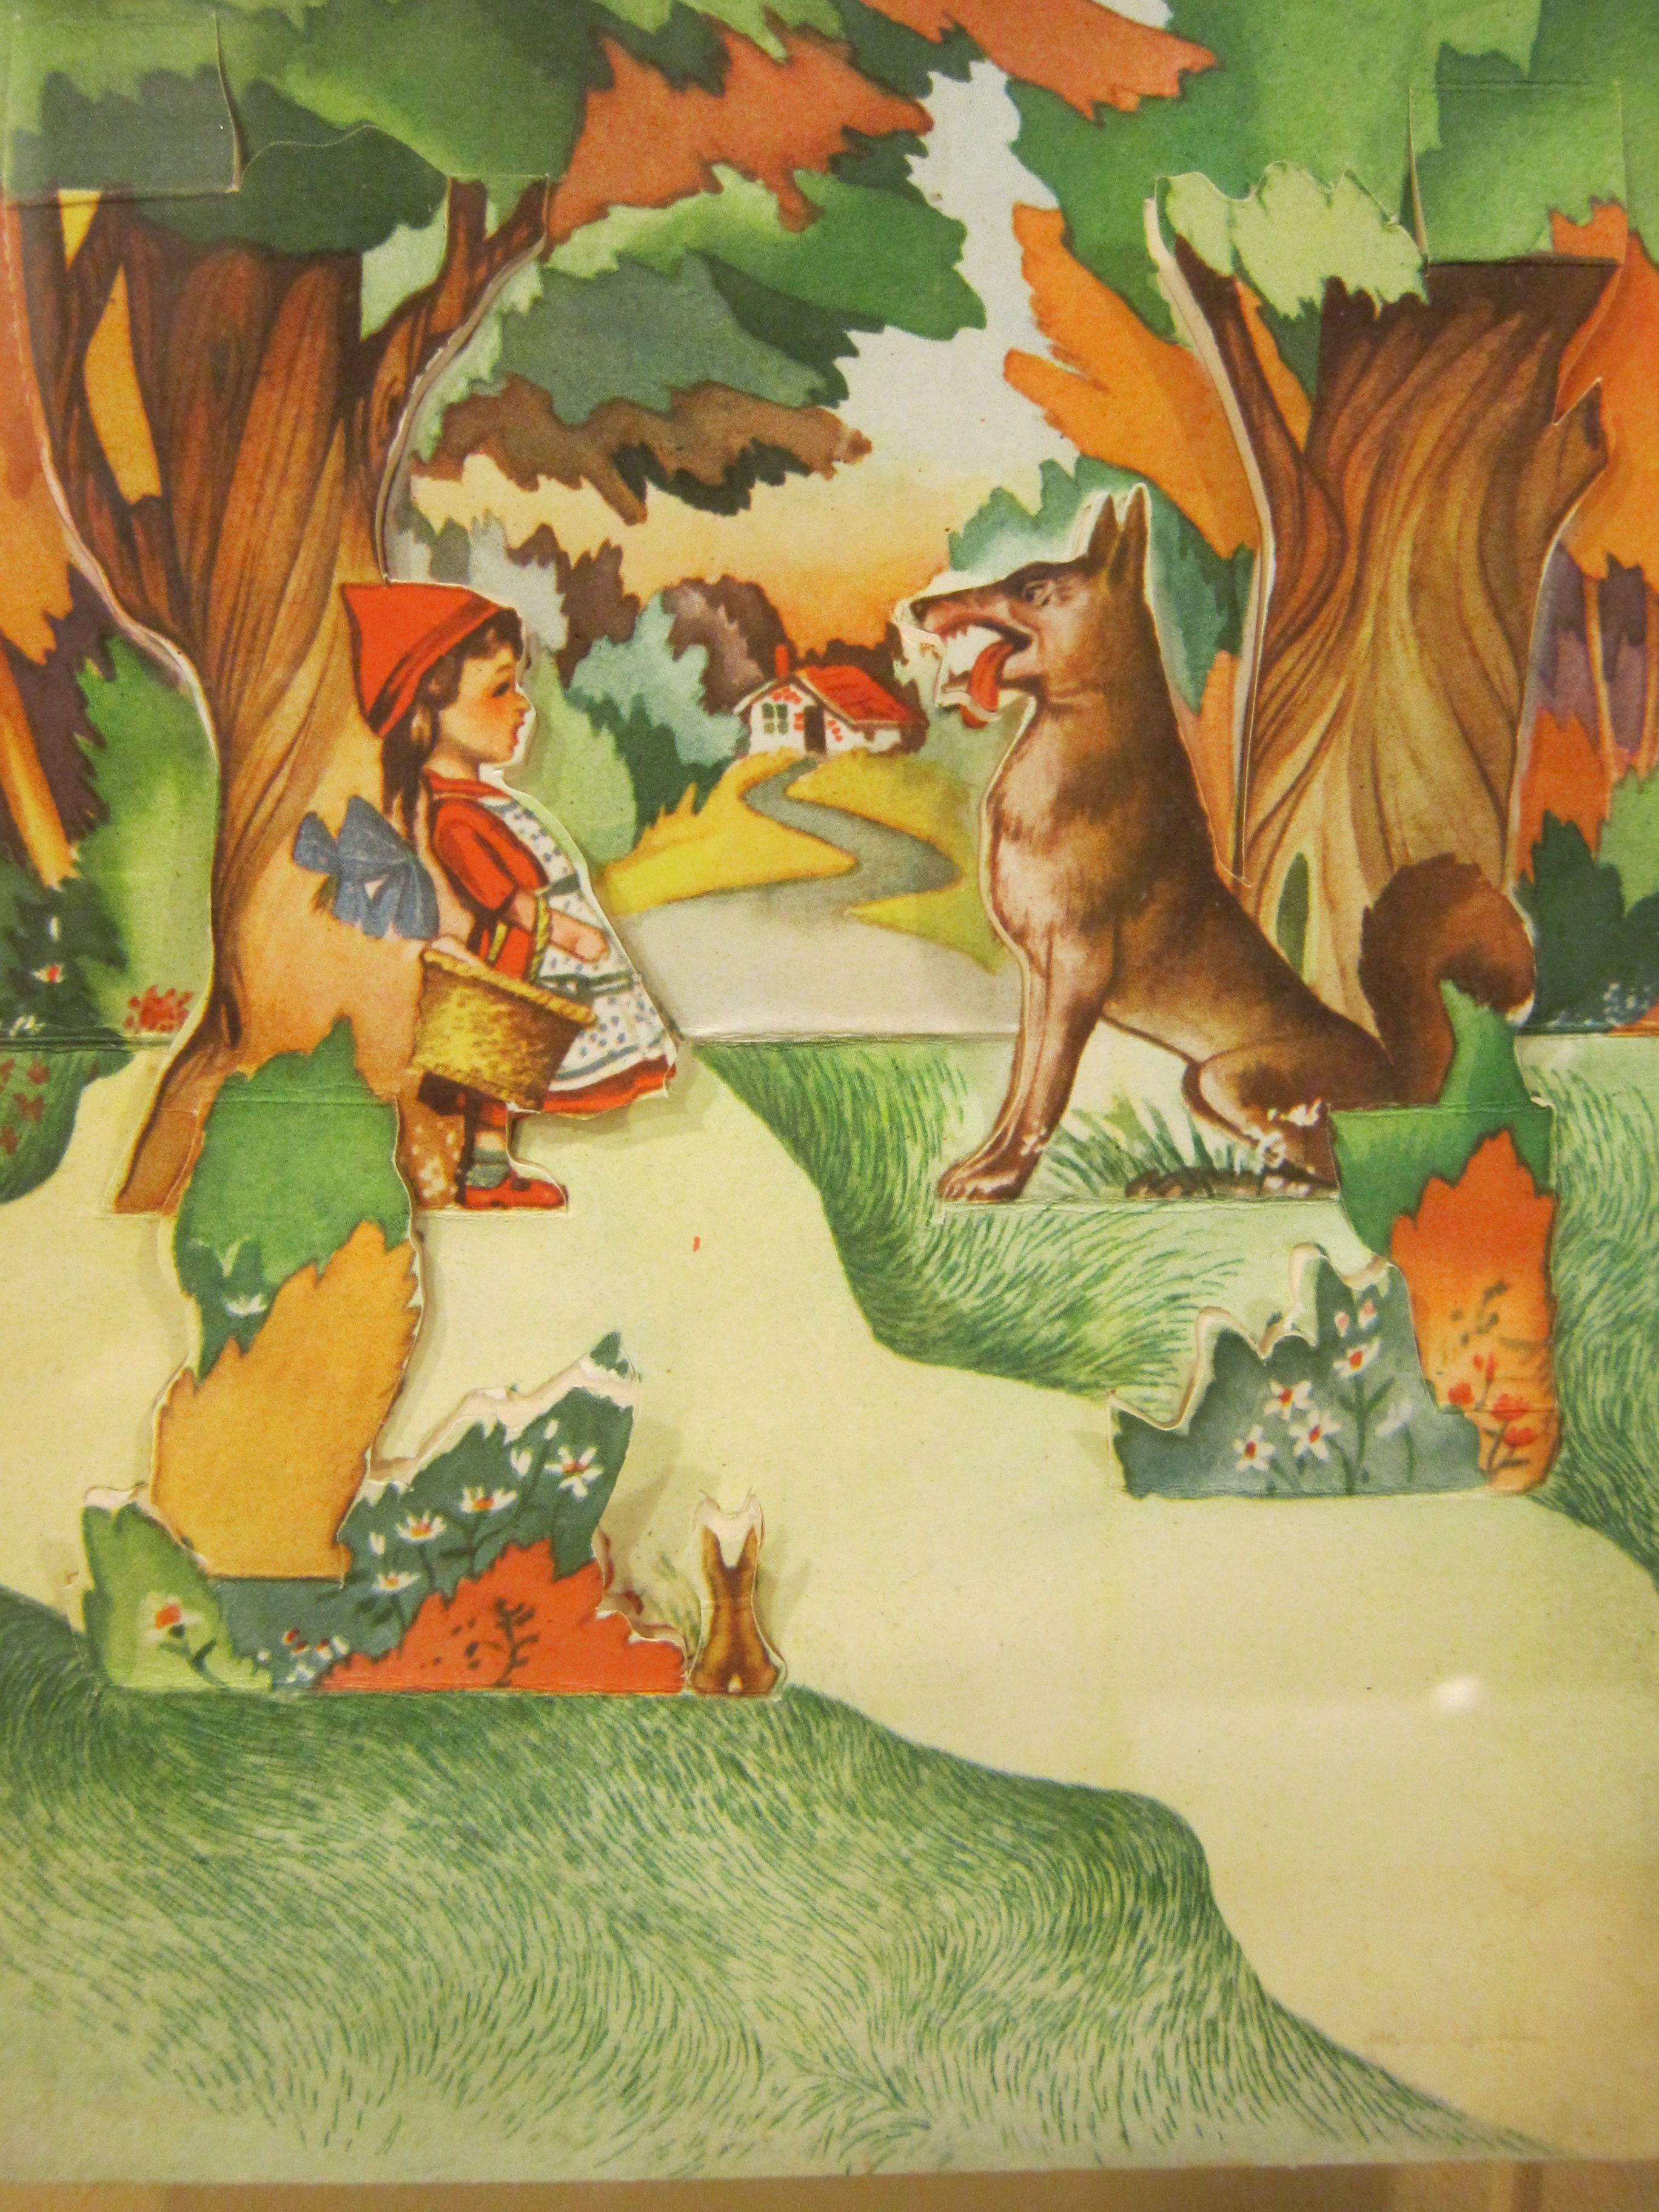 Verrassend Een oude prent van het beroemde sprookje Roodkapje en de wolf RU-48